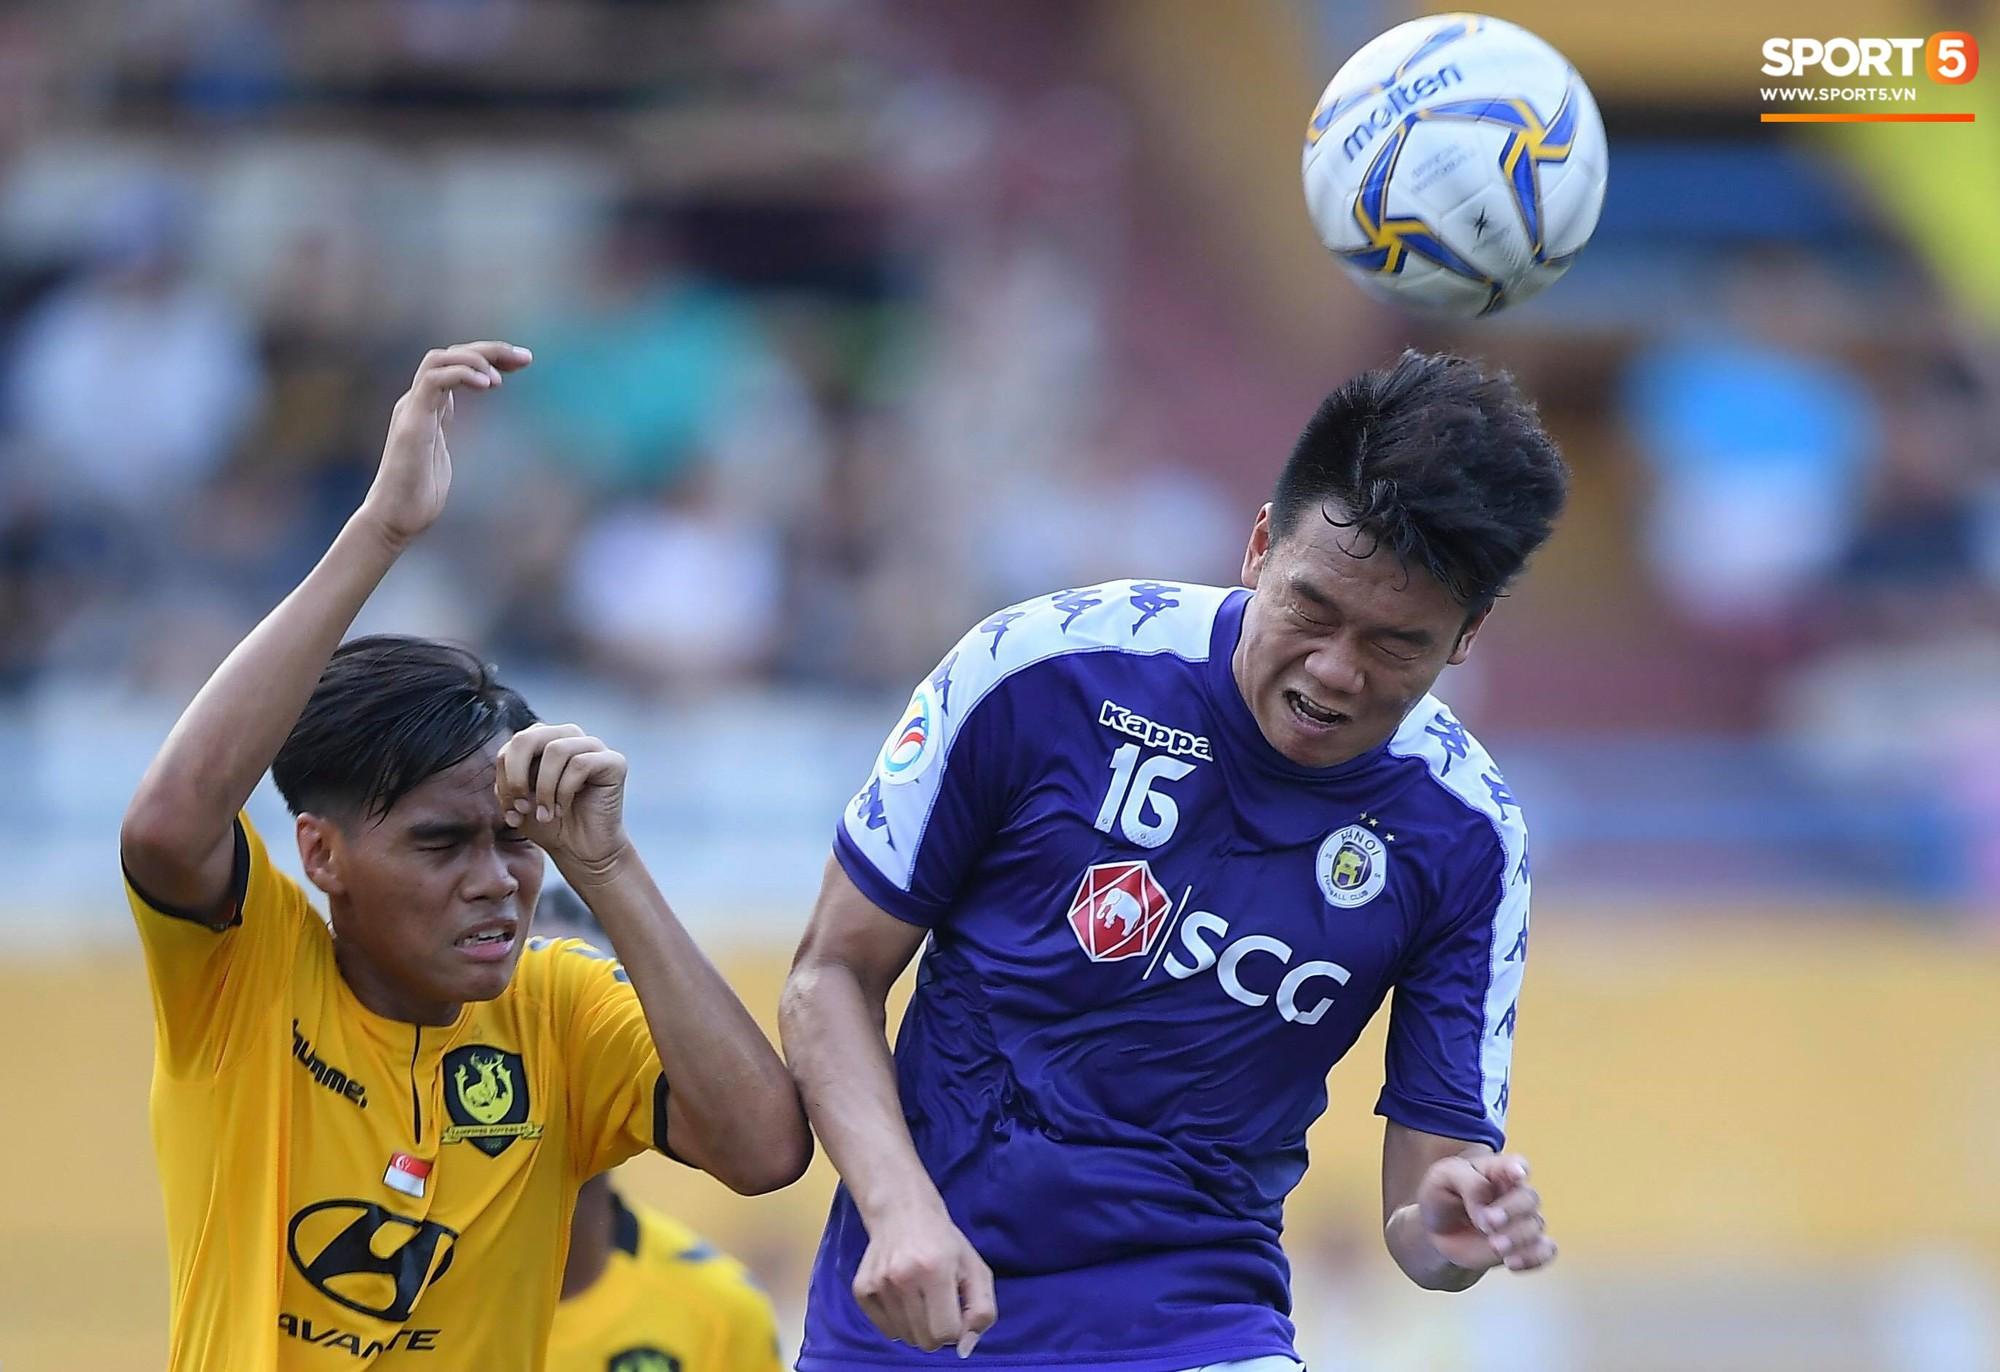 Duy Mạnh kín đáo đến xem Hà Nội Nội thi đấu, vẫn bị fan nhí nhanh mắt phát hiện và vây kín - Ảnh 7.